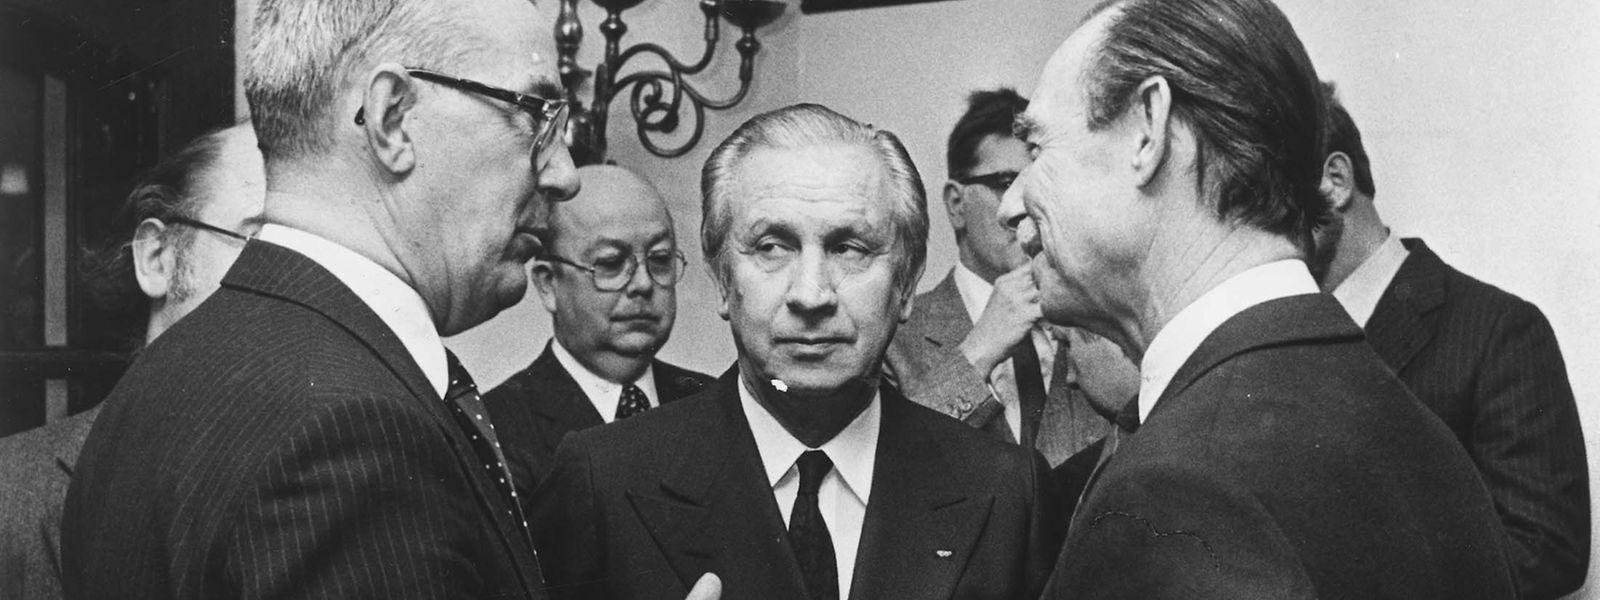 Großherzog Jean 1982 im Gespräch mit dem damaligen IOC-Präsidenten Juan Antonio Samaranch (M.) und COSL-Präsidenten Gérard Rasquin.